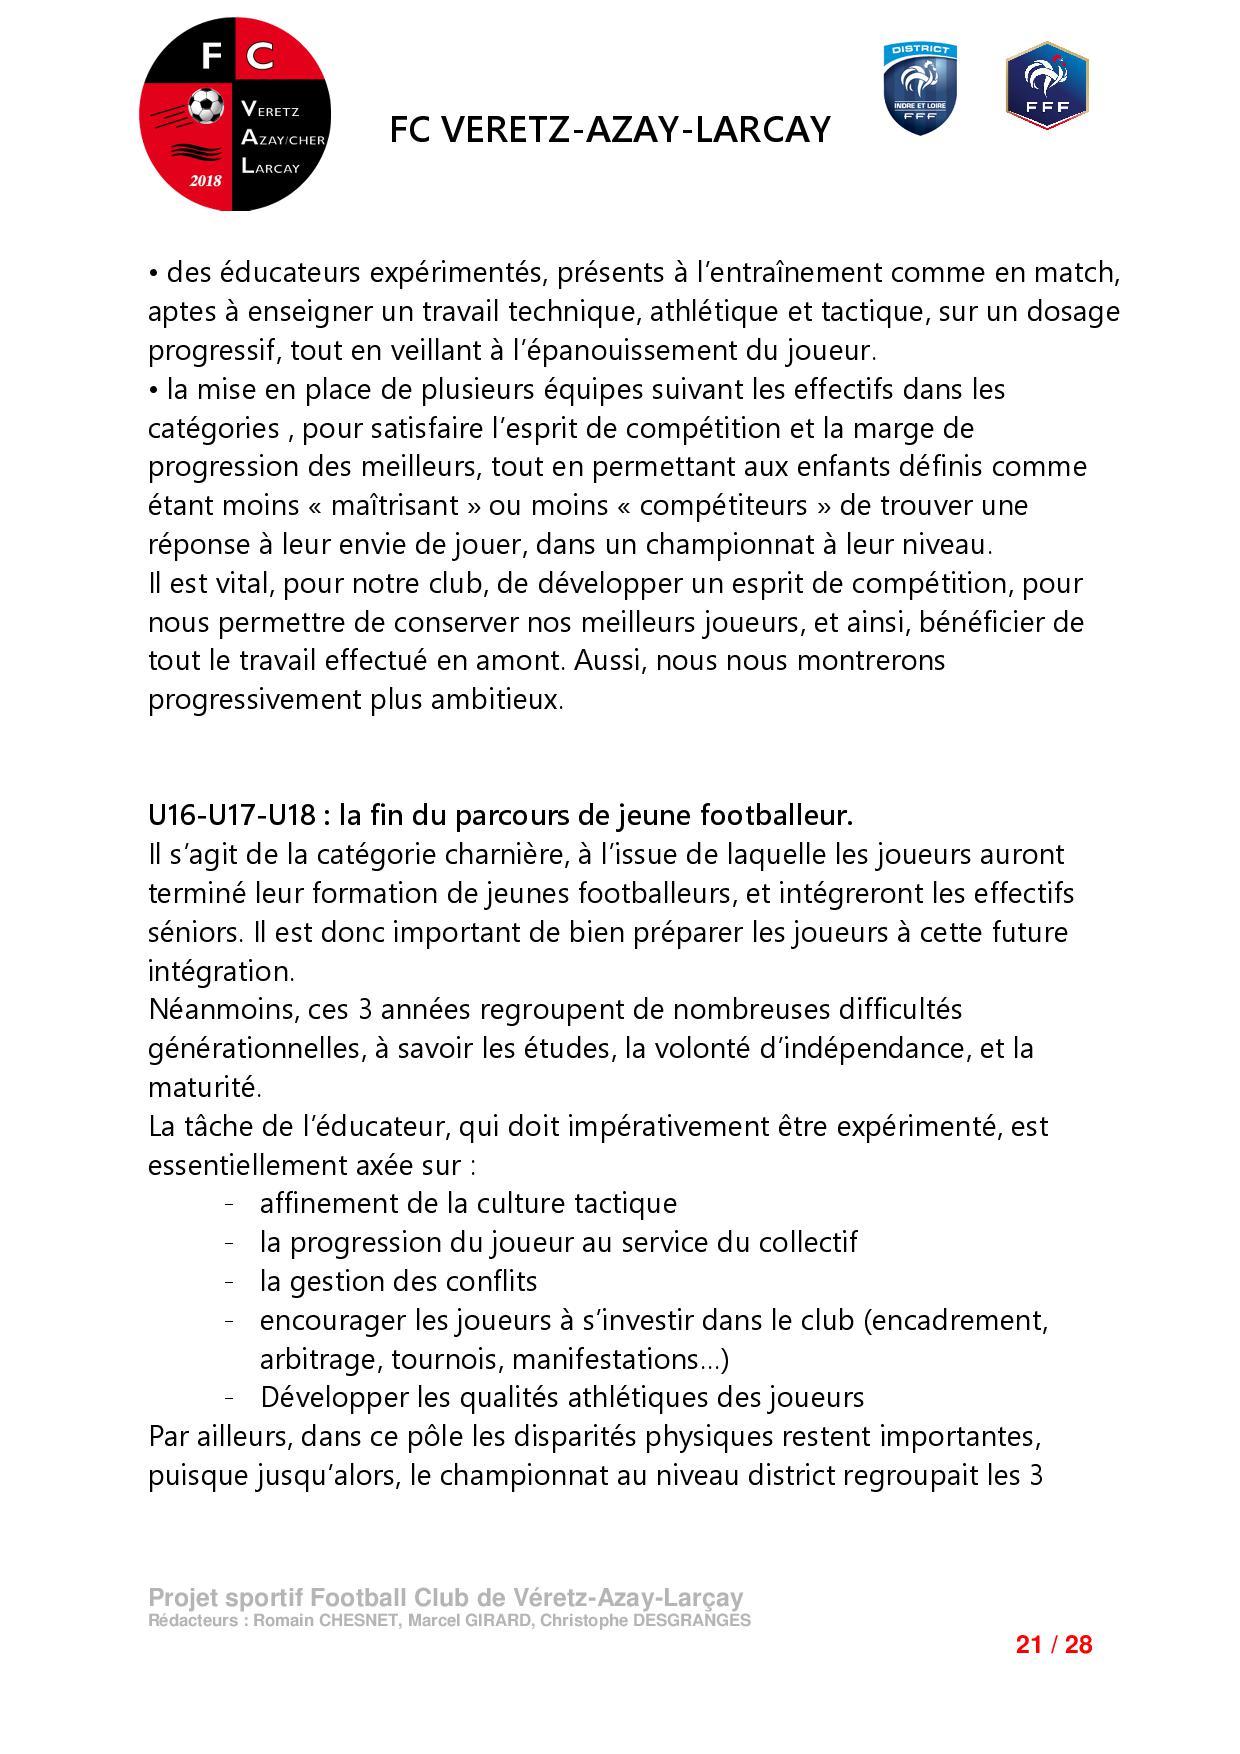 projet_sportif_2017-202021.jpg